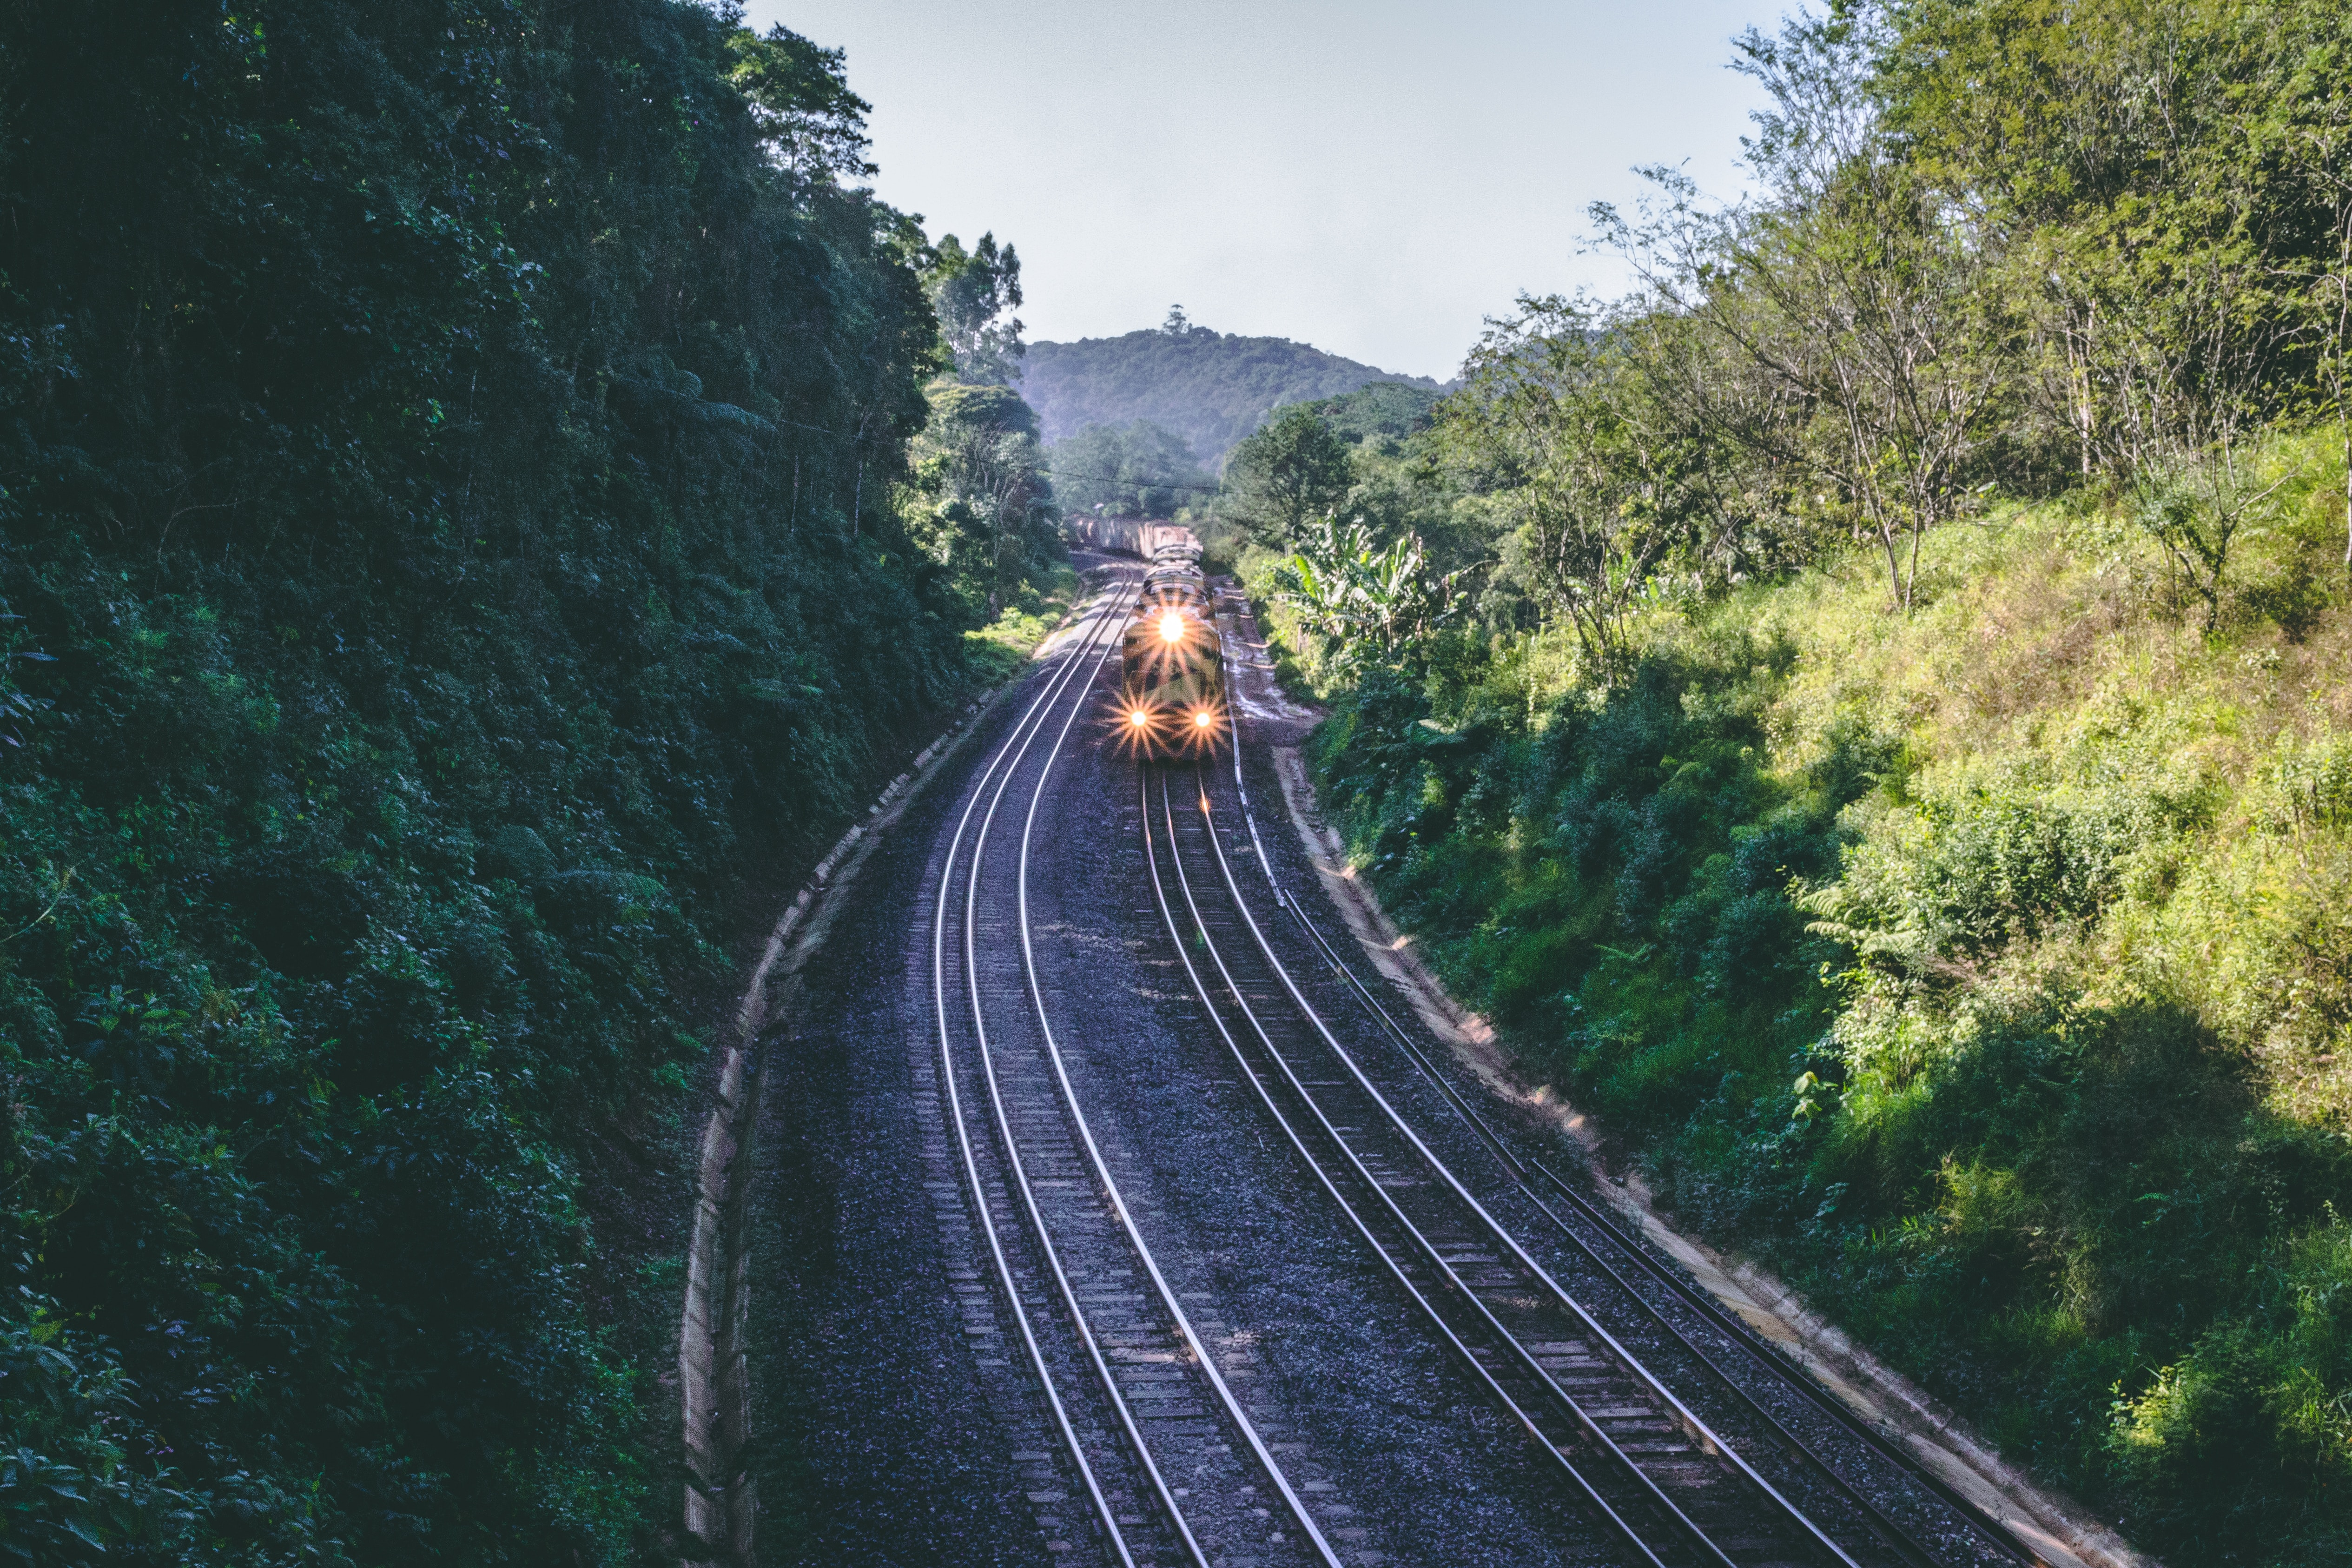 102457壁紙のダウンロードその他, 雑, 電車, 列車, レール, 鉄道, 自然-スクリーンセーバーと写真を無料で